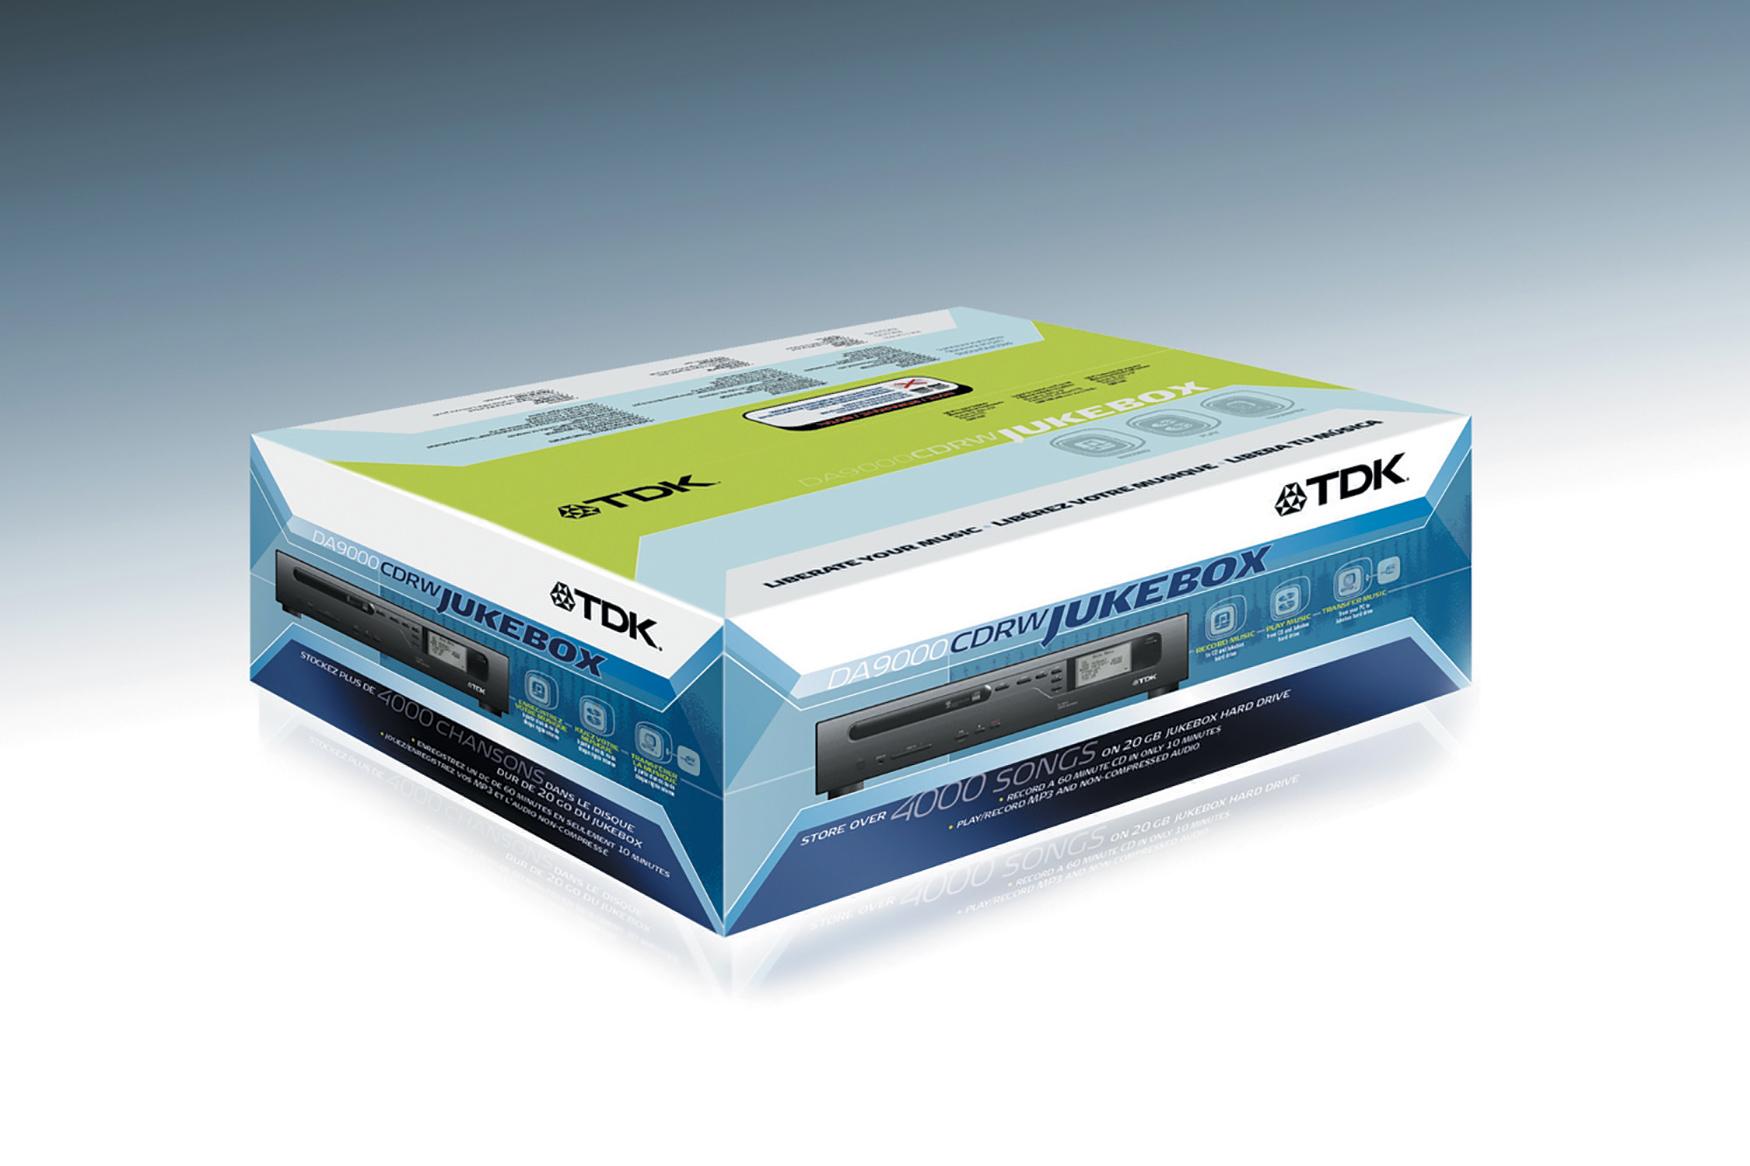 TDK Packaging